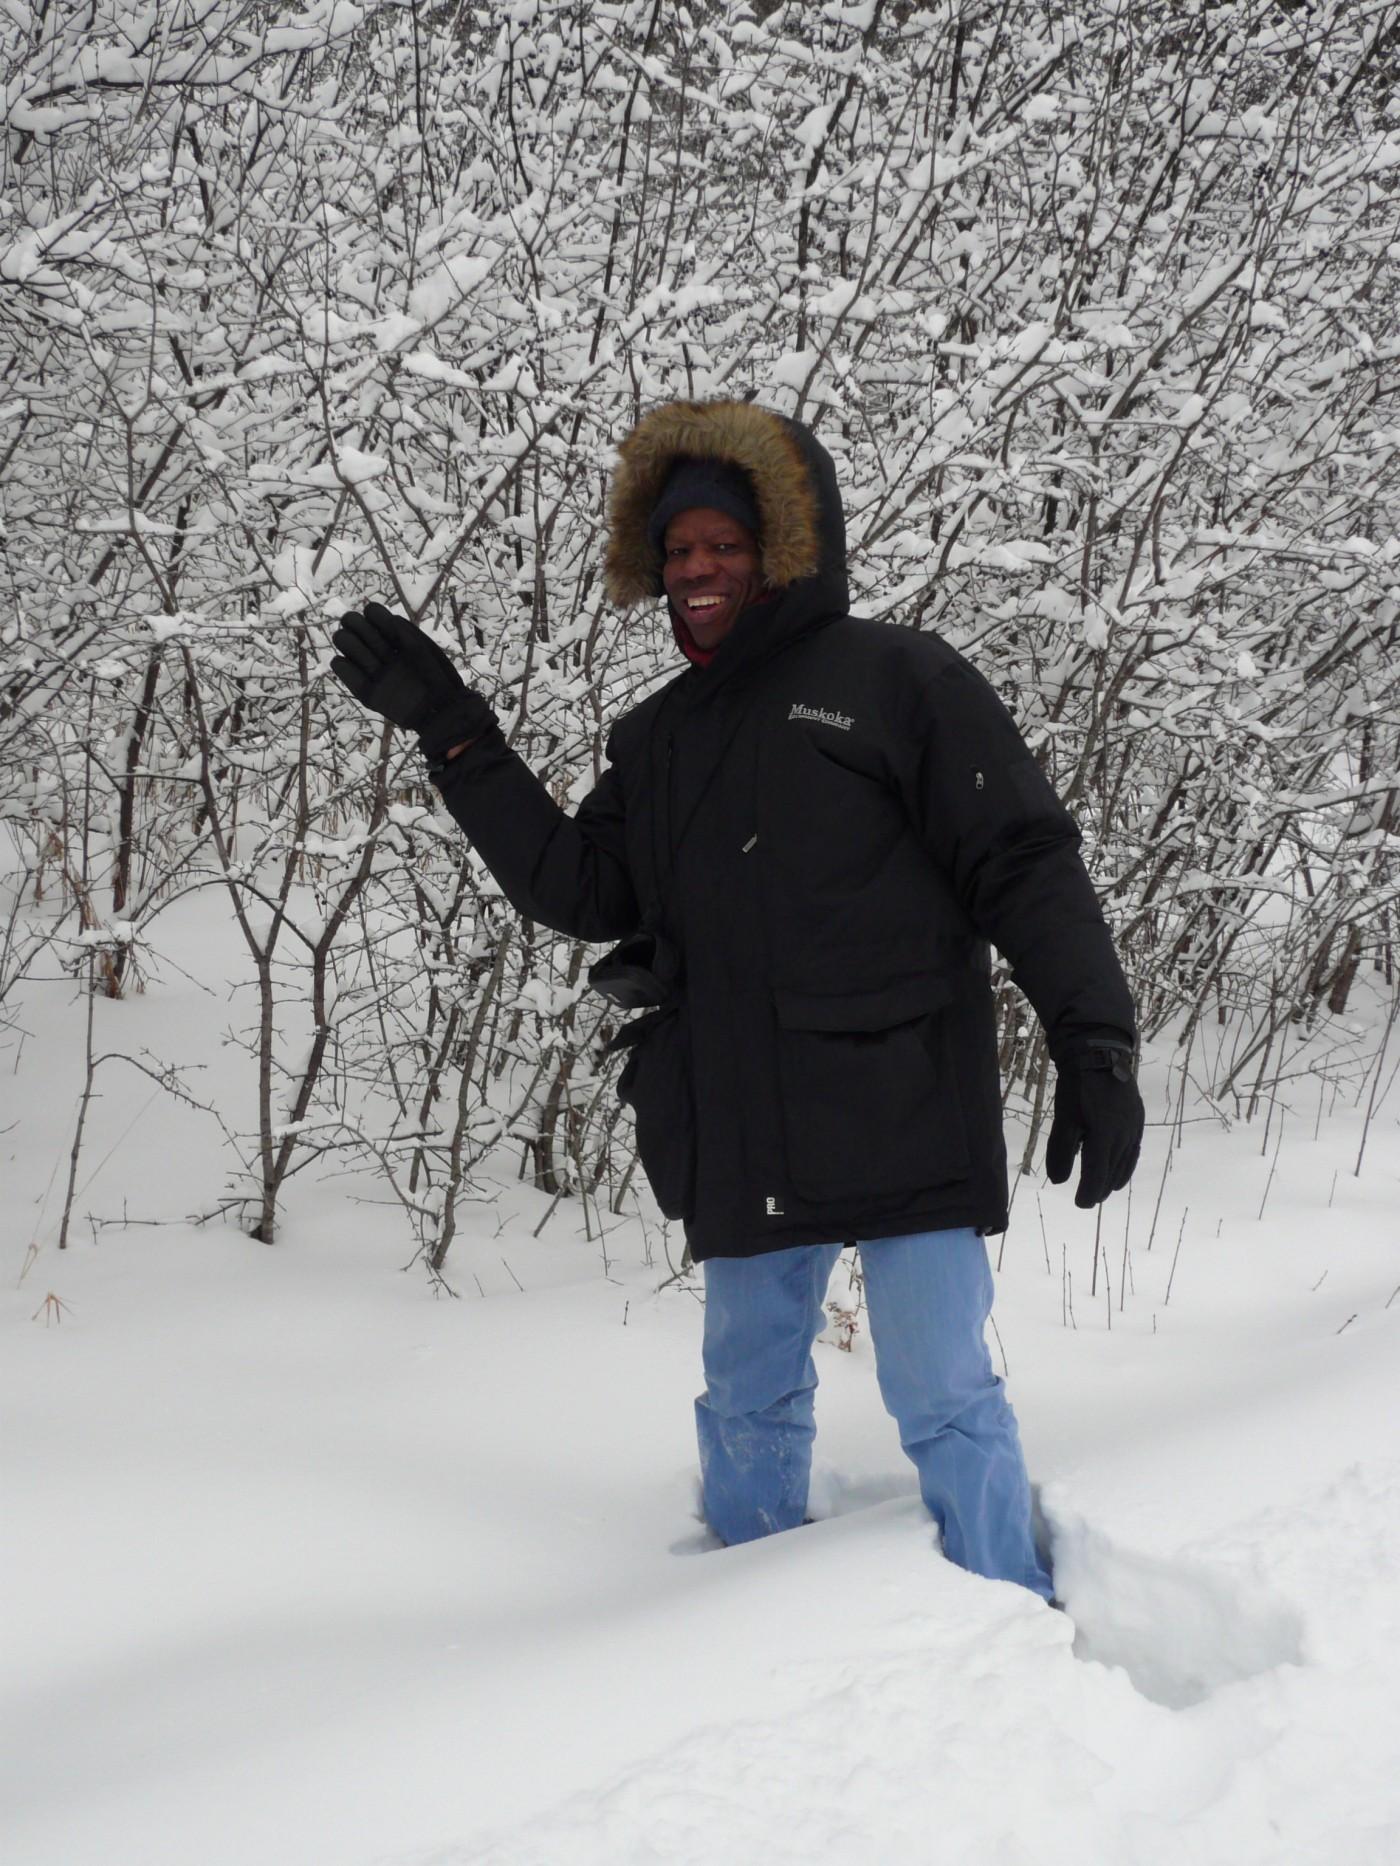 Kyssi, Ottawa hiver 2011